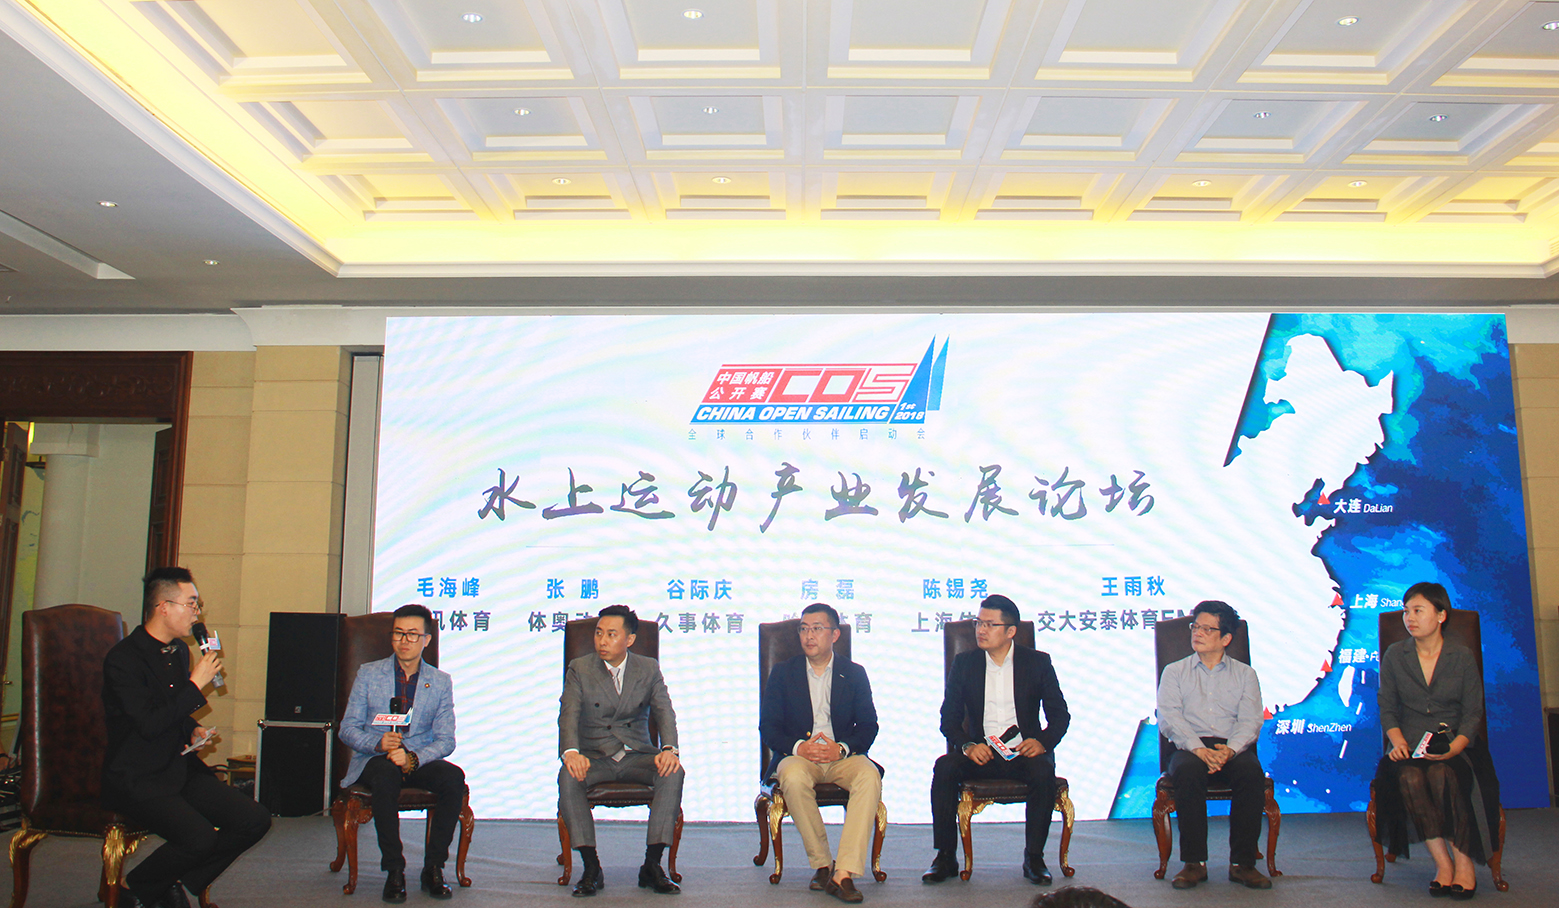 向海而生,成就不凡!2018中国帆船公开赛全球合作启幕